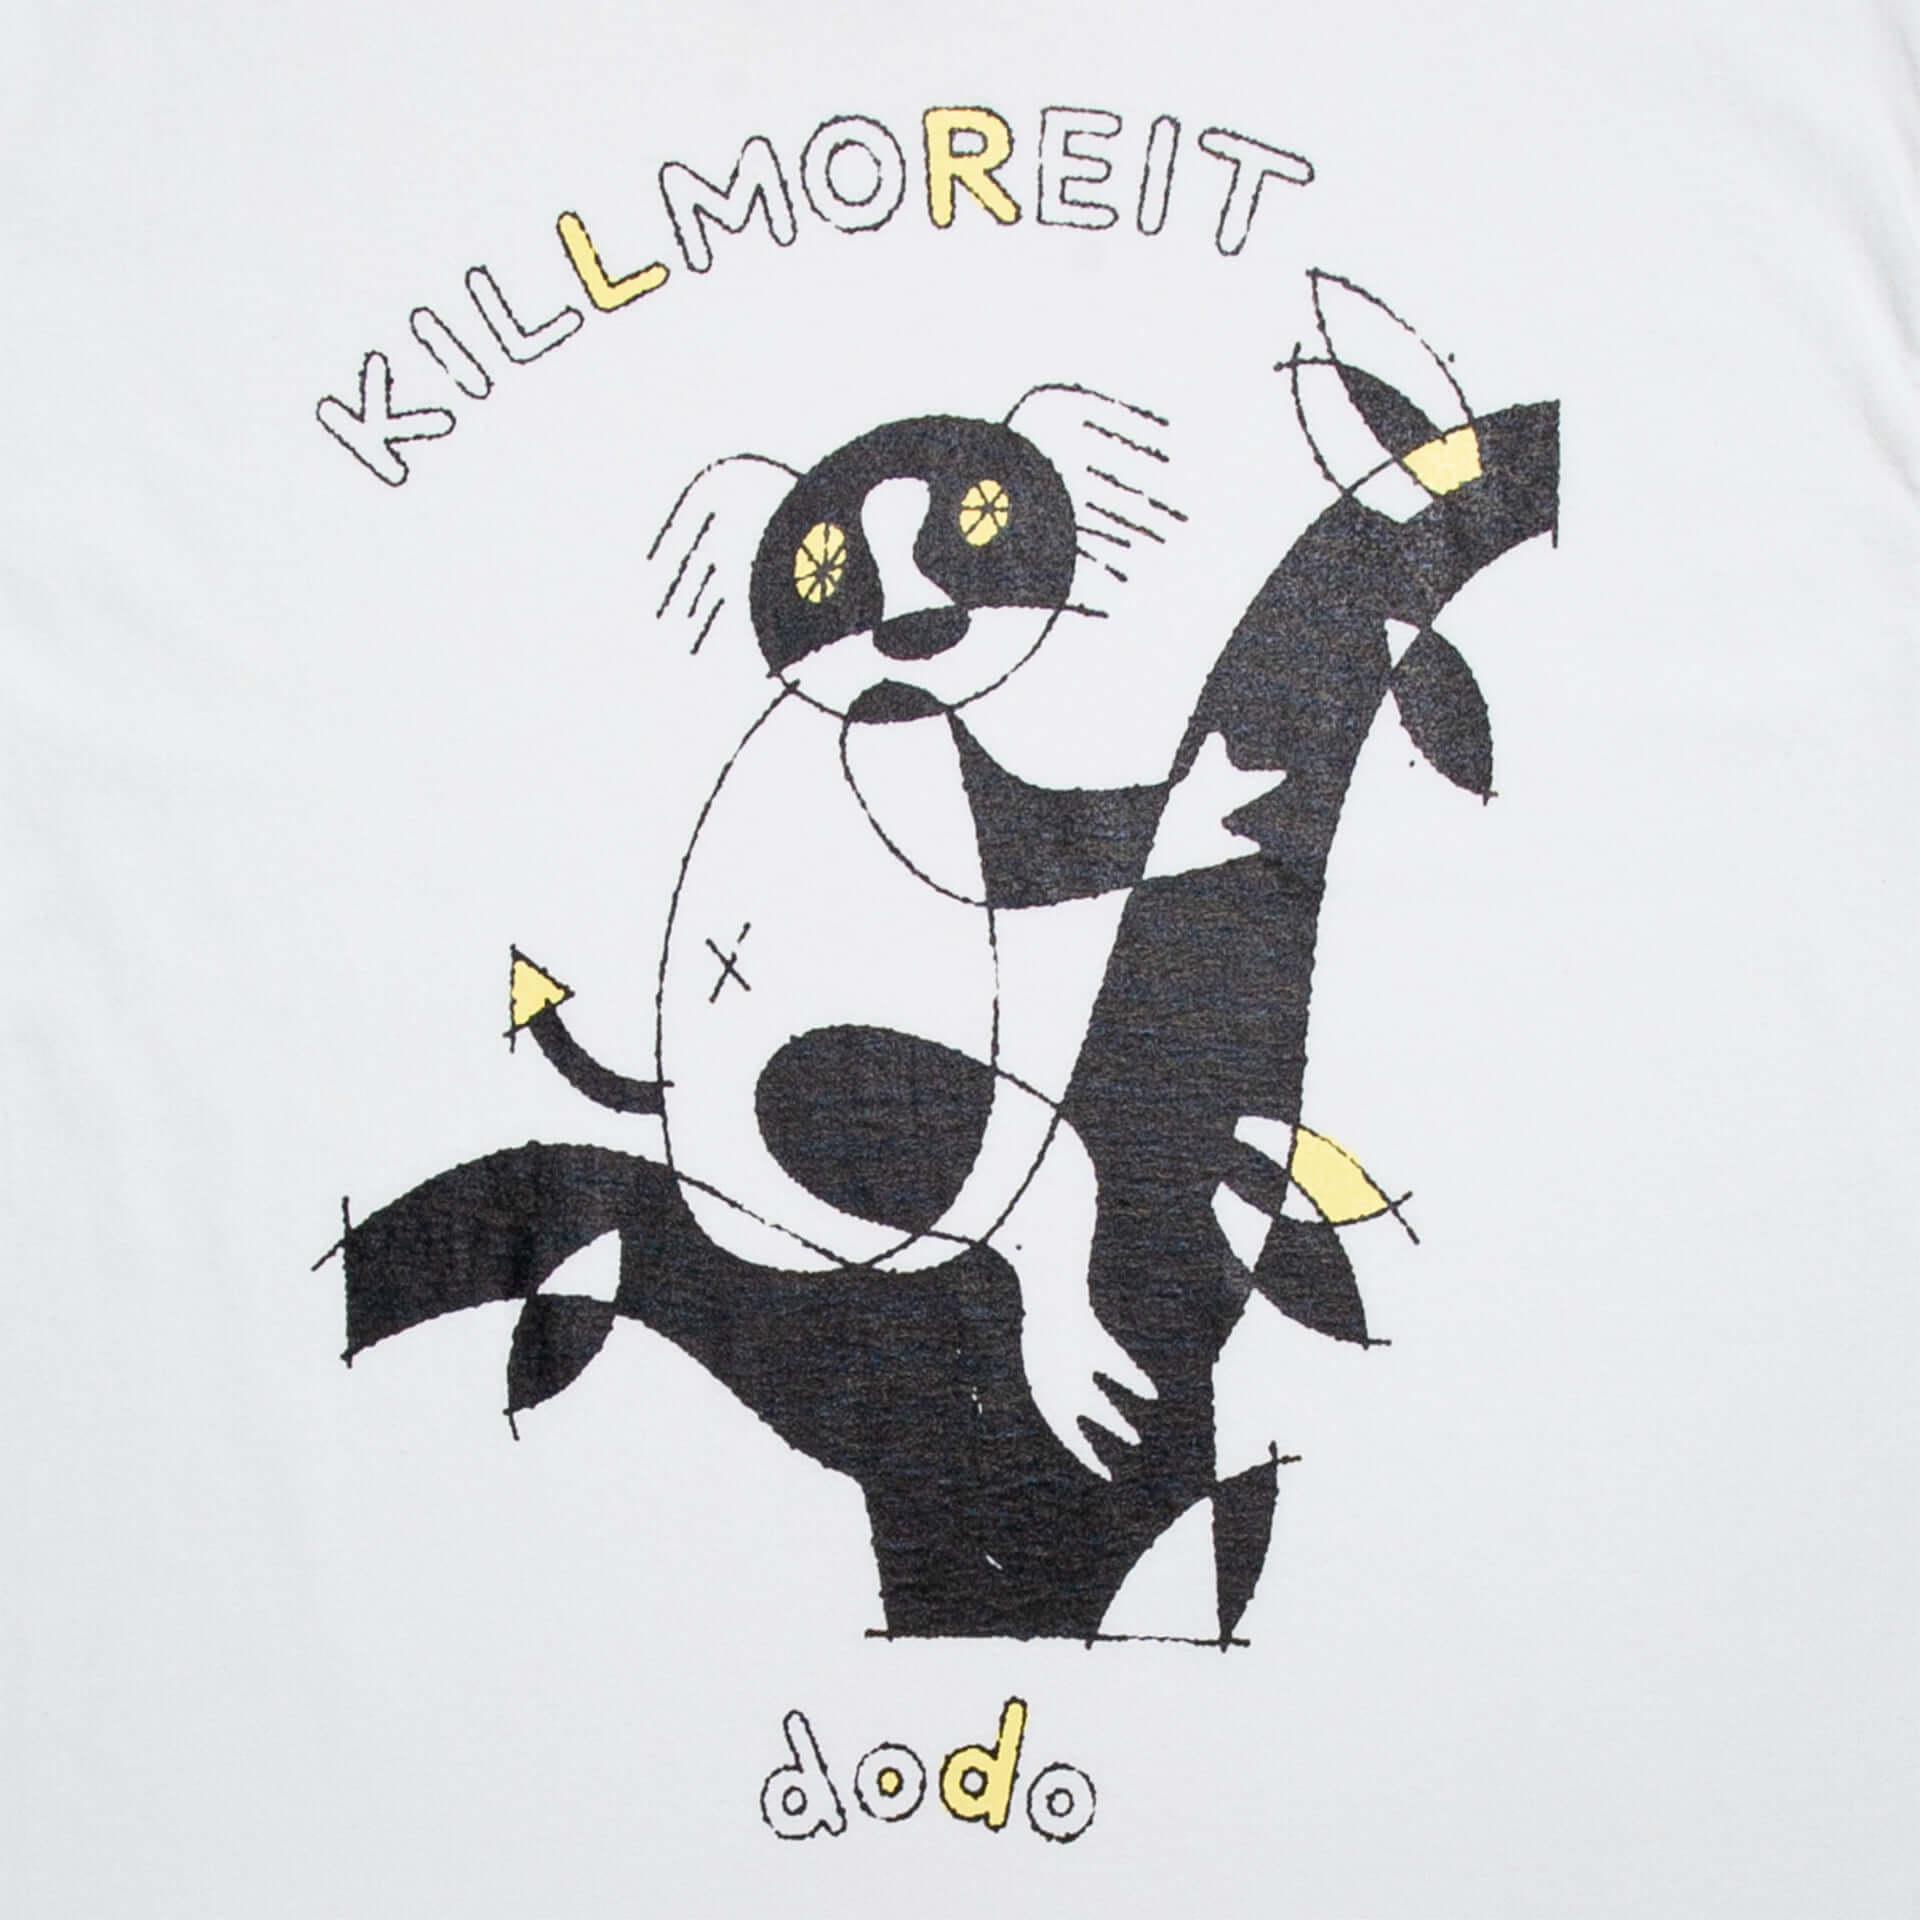 フジロック3日目に出演|新鋭ラッパー・dodo x Ryu OkuboによるコラボTシャツが本日から予約開始 lifefashion190726dodo_6-1920x1920